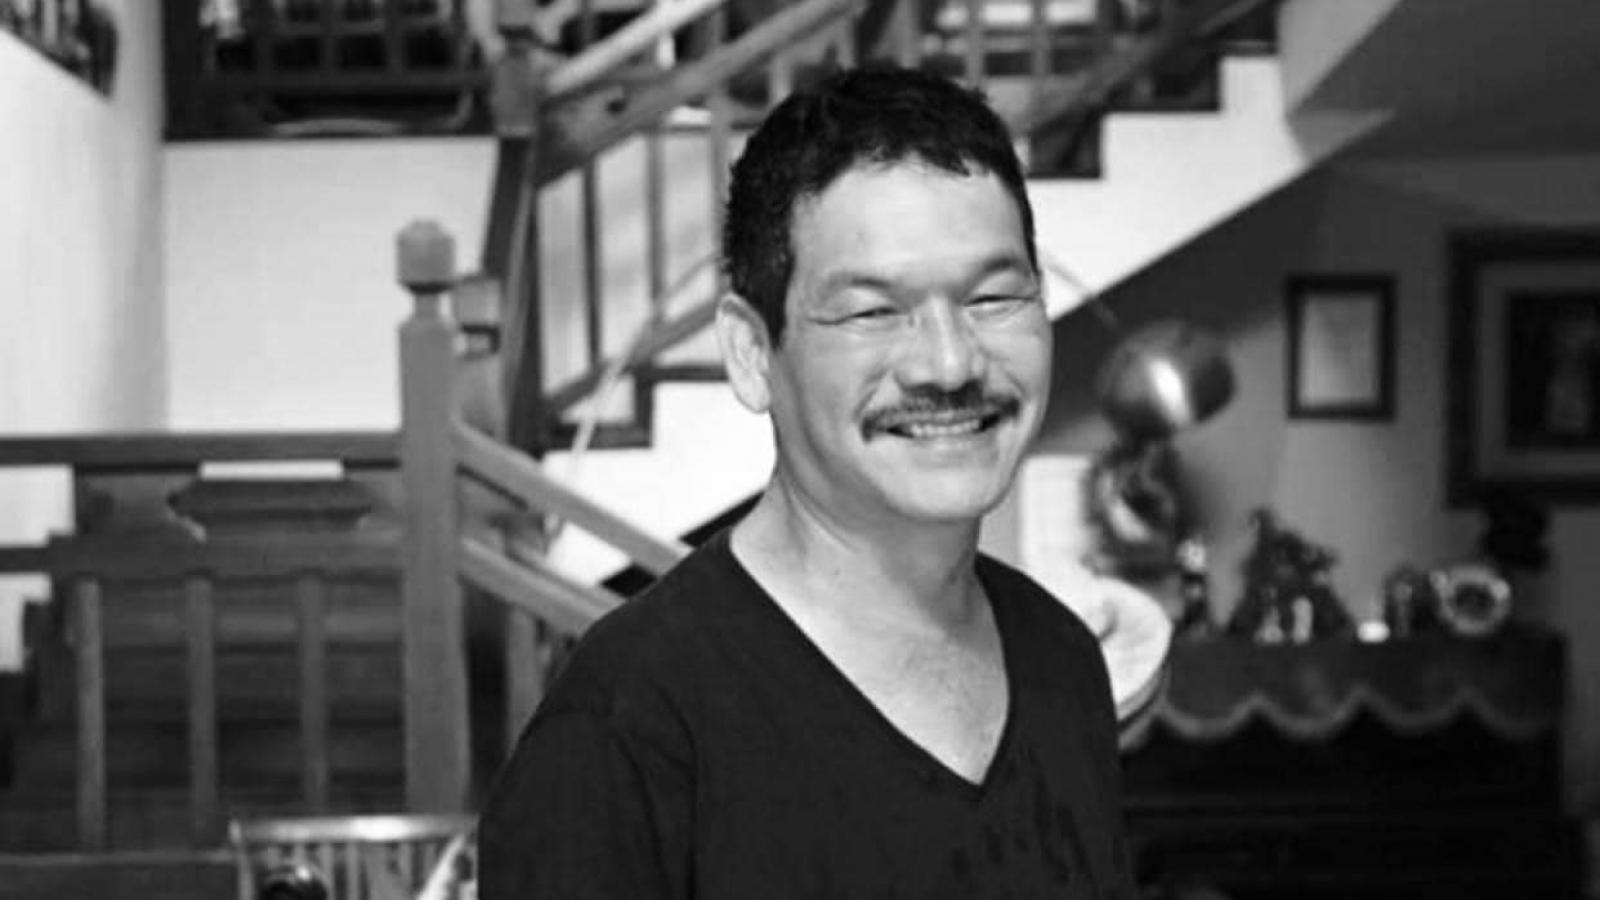 Việt Trinh, Nguyên Vũ đau buồn trước sự ra đi của đạo diễn Trần Cảnh Đôn